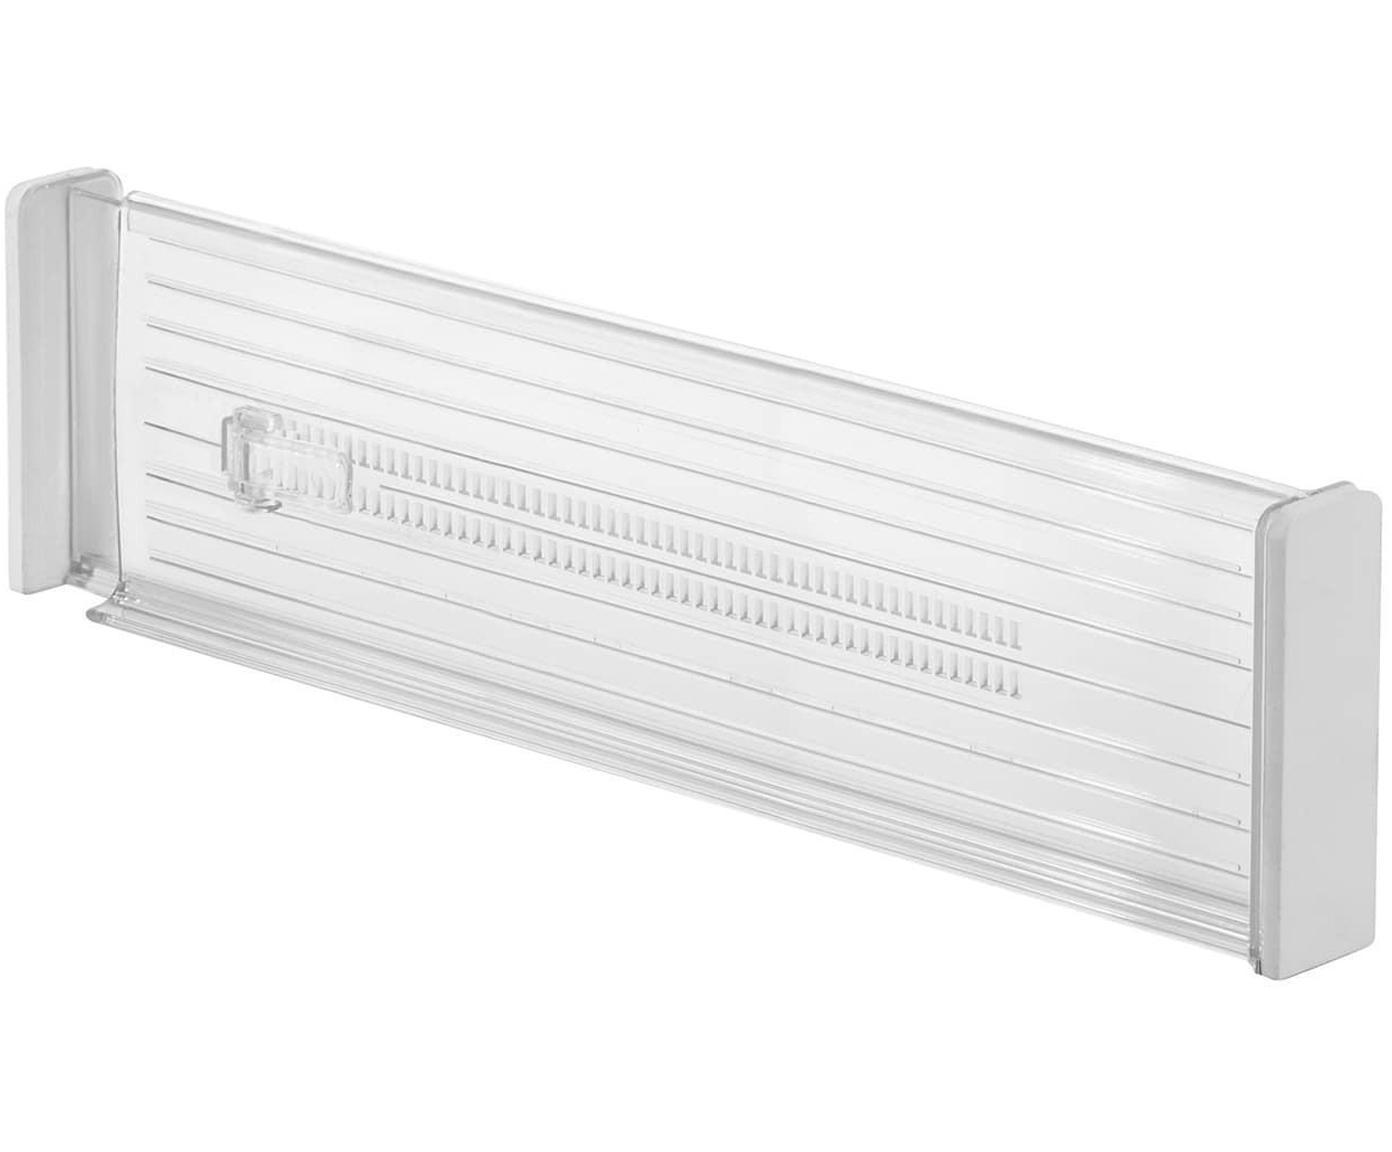 Organizadores de cajones Linus, 2 uds., Plástico, acero, Transparente, An 4 x F 53 cm